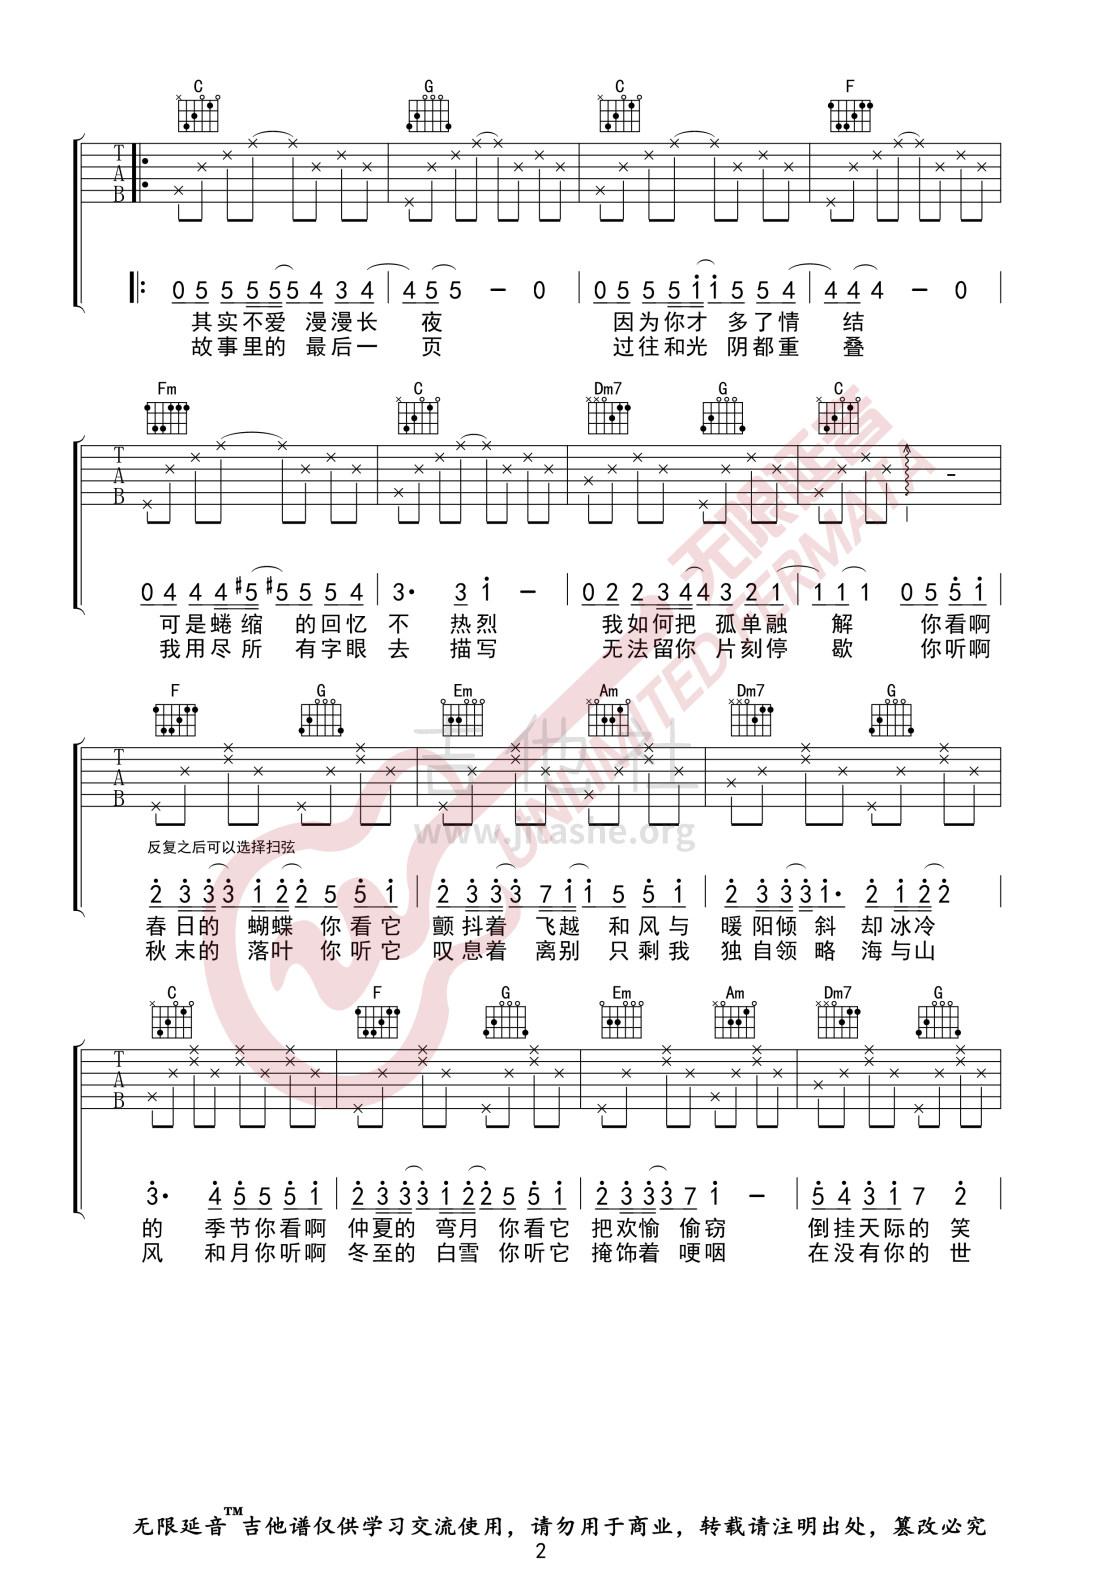 冬眠(無限延音編配)吉他譜(圖片譜,無限延音編配,彈唱)_司南_冬眠02.jpg